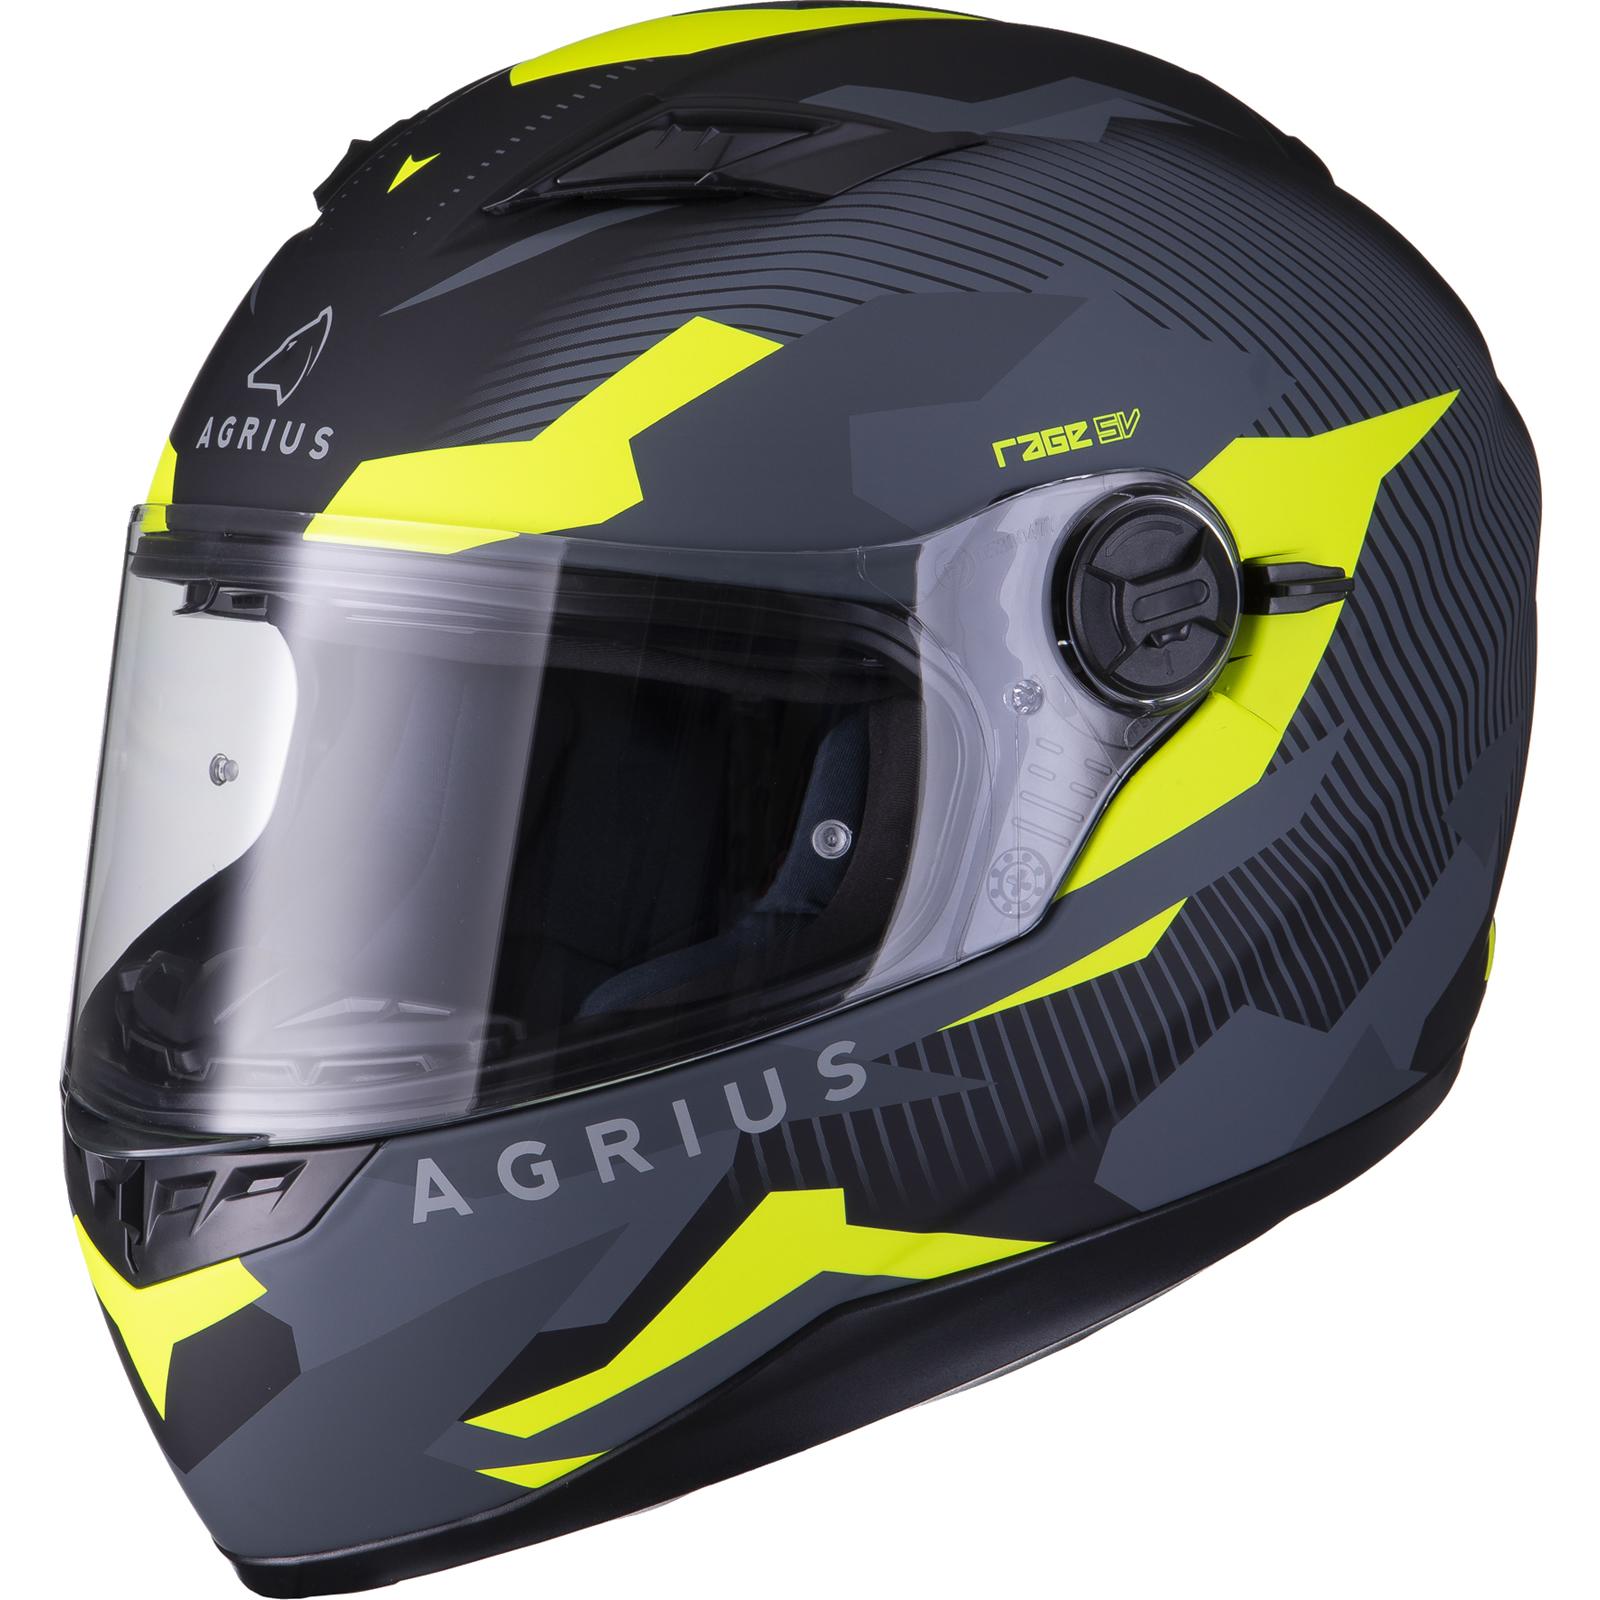 Agrius-Rage-SV-Tracker-Full-Face-Motorcycle-Matt-Helmet-bike-Road-Bike-Scooter thumbnail 40